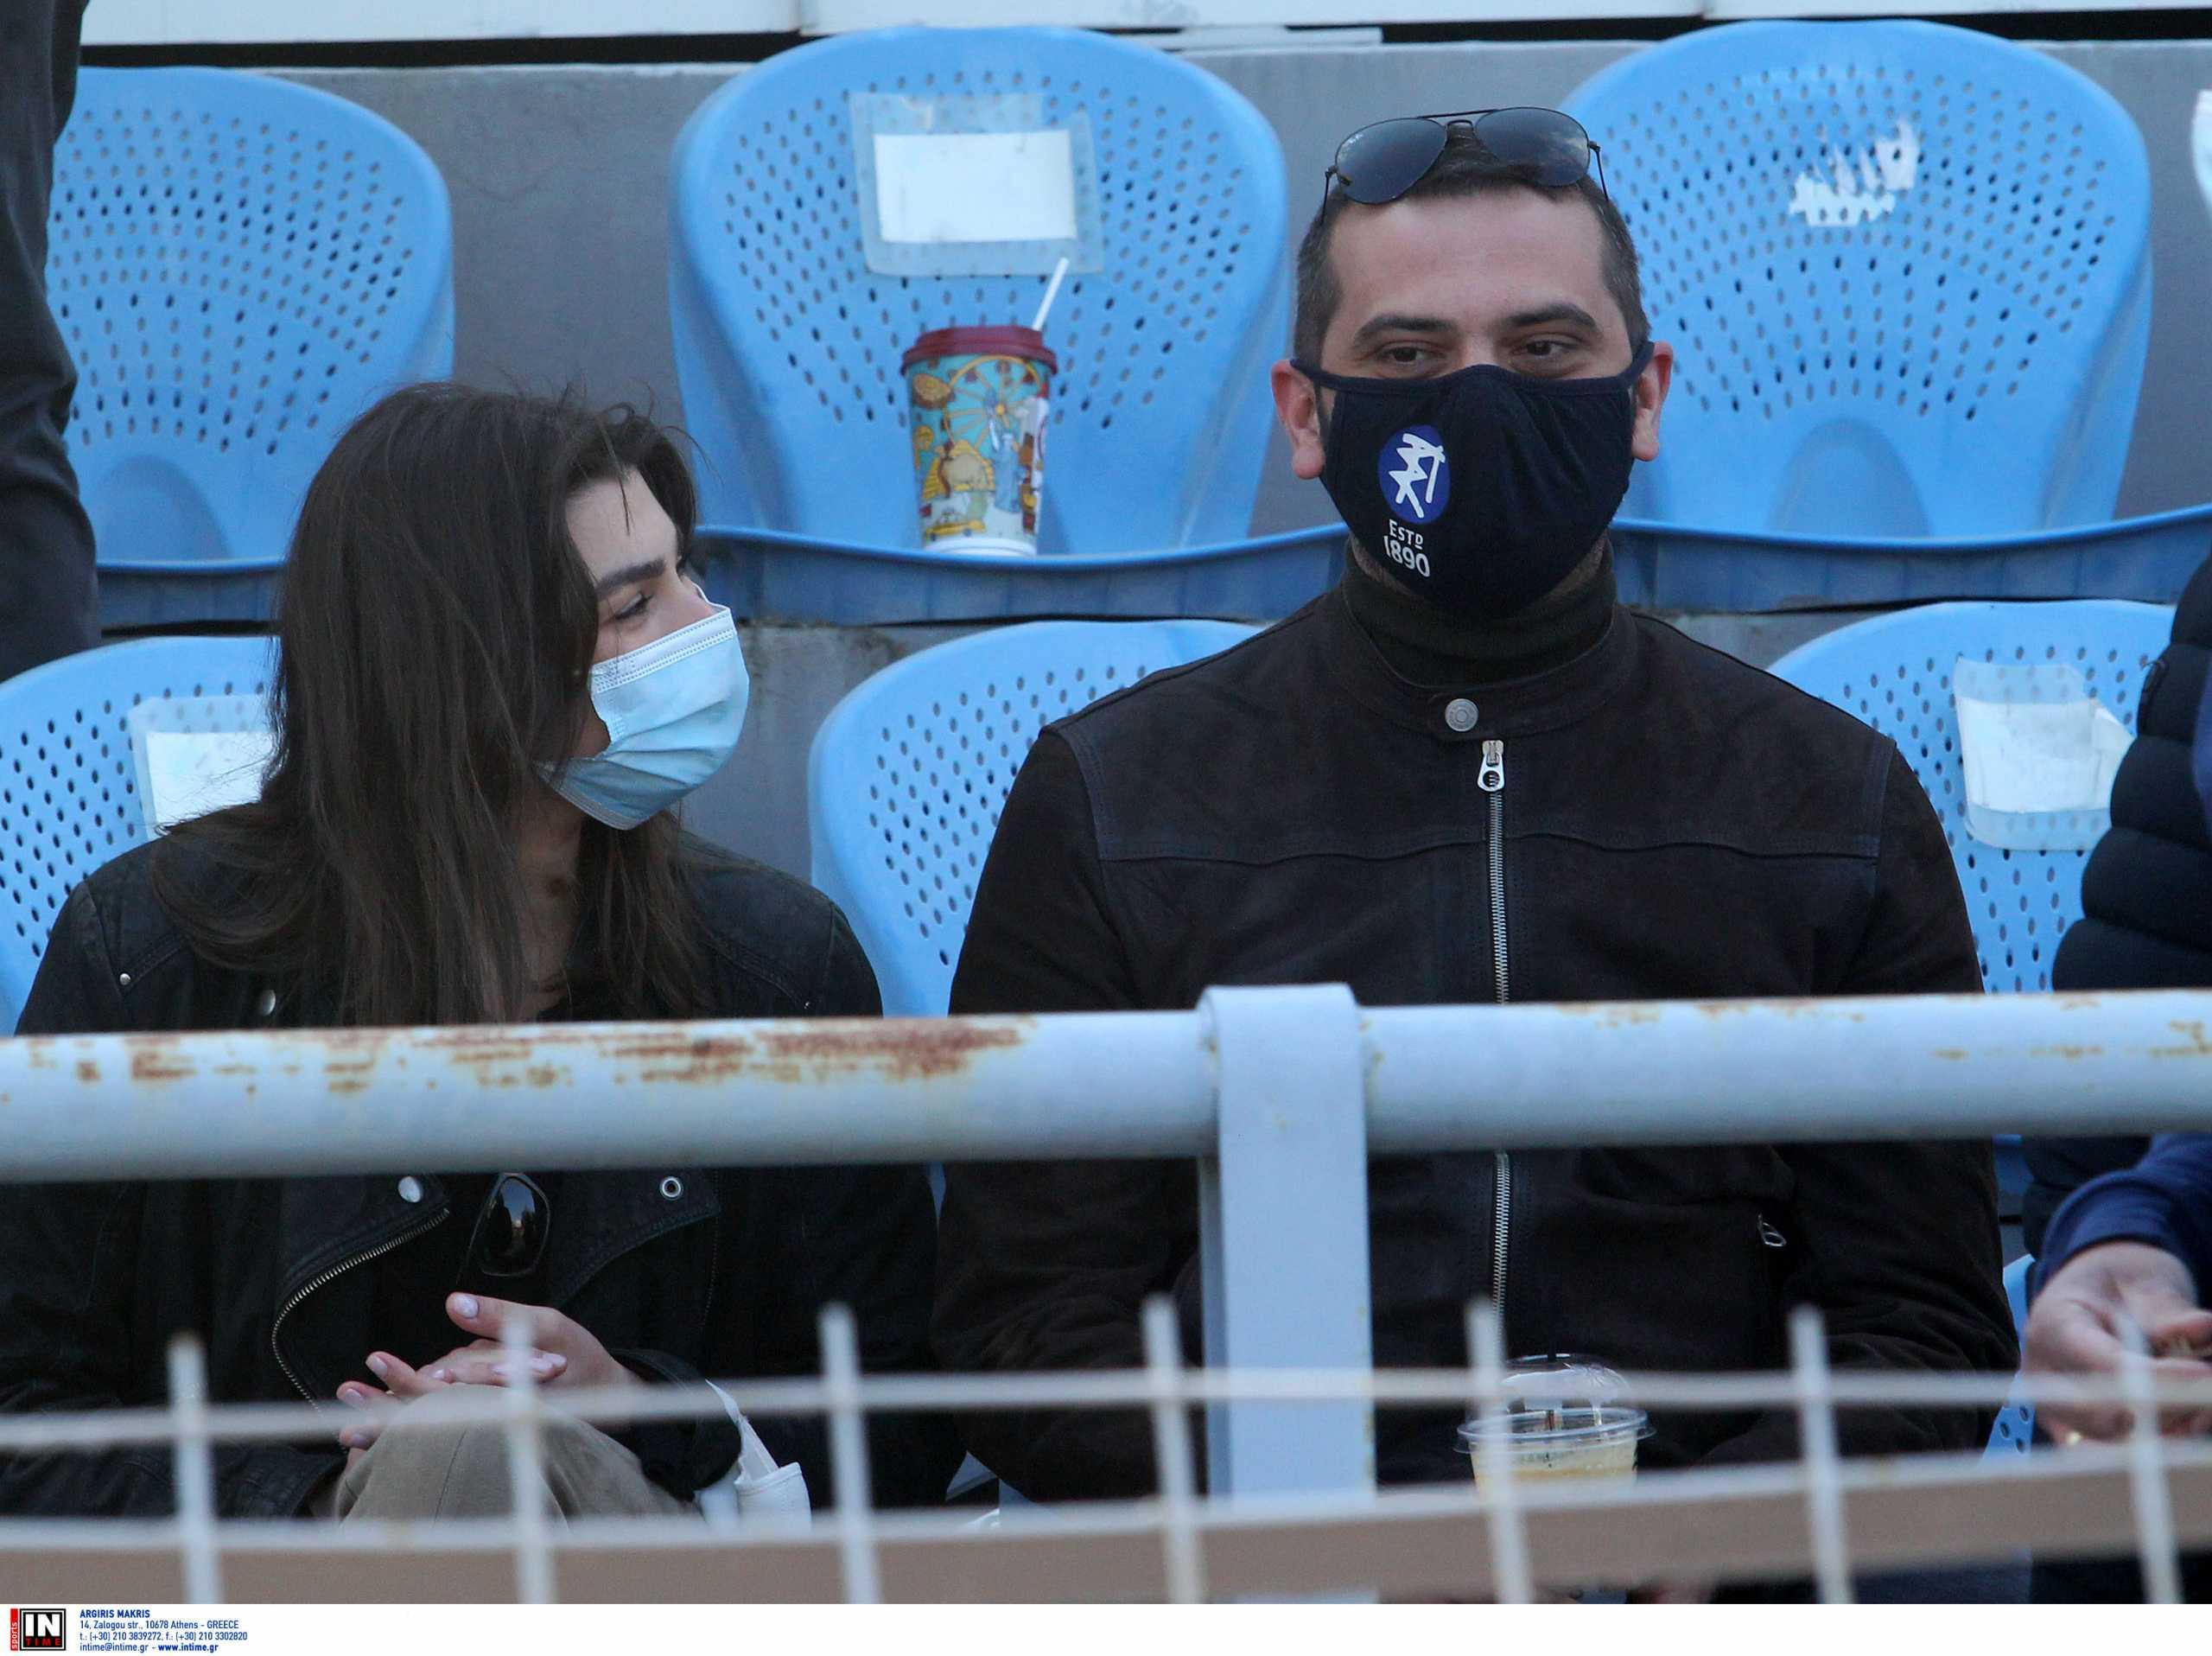 Λεωνίδας Κουτσόπουλος: Στο γήπεδο με τη Χρύσα Μιχαλοπούλου